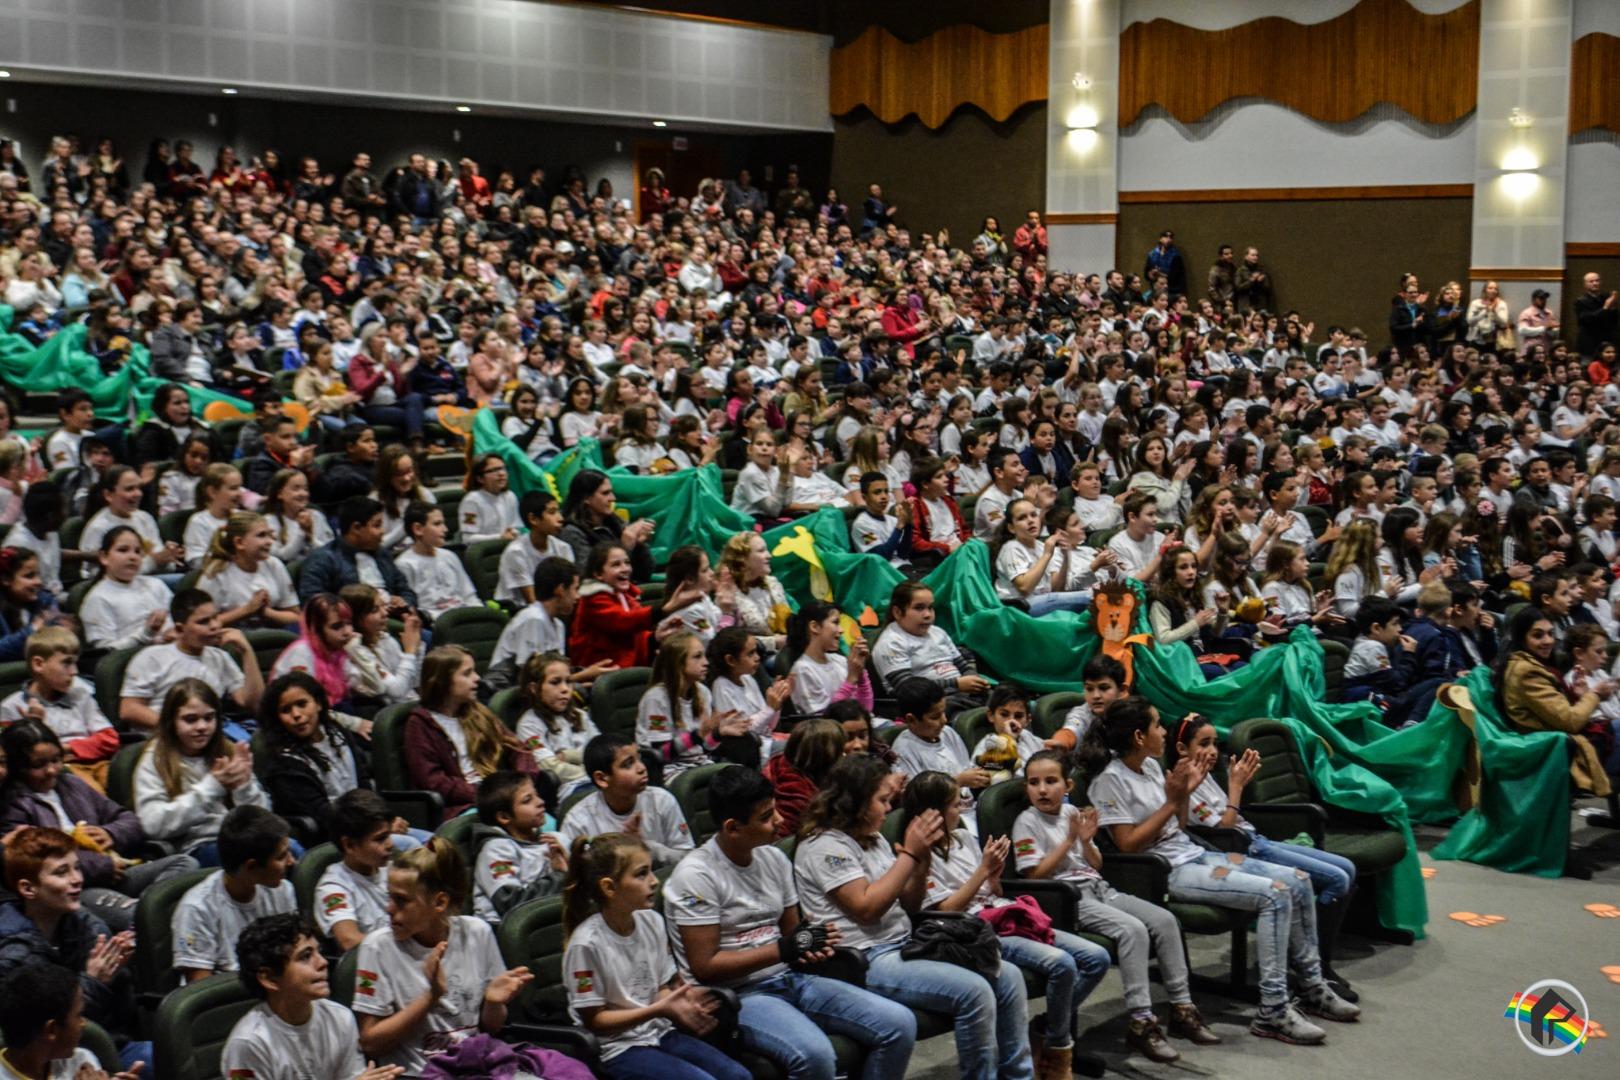 VÍDEO: PROERD forma mais de 480 alunos em São Miguel do Oeste